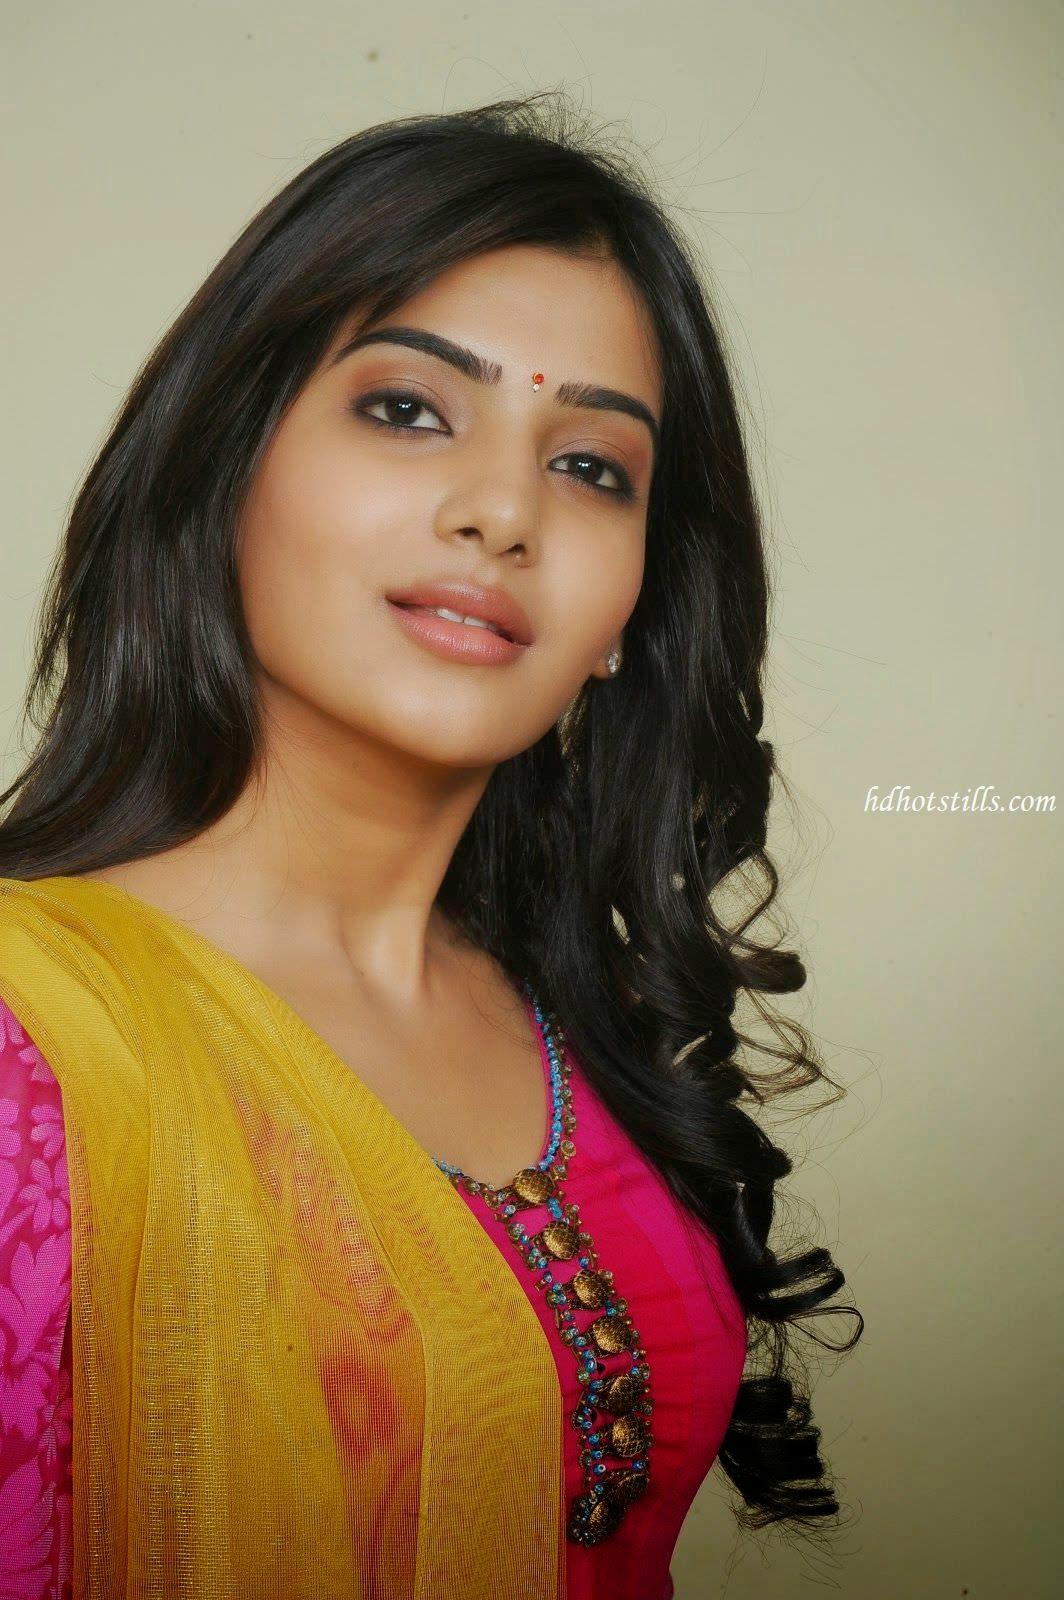 Top 13 Tamil Actres Samantha Hd Wallpepares Free Download-9233